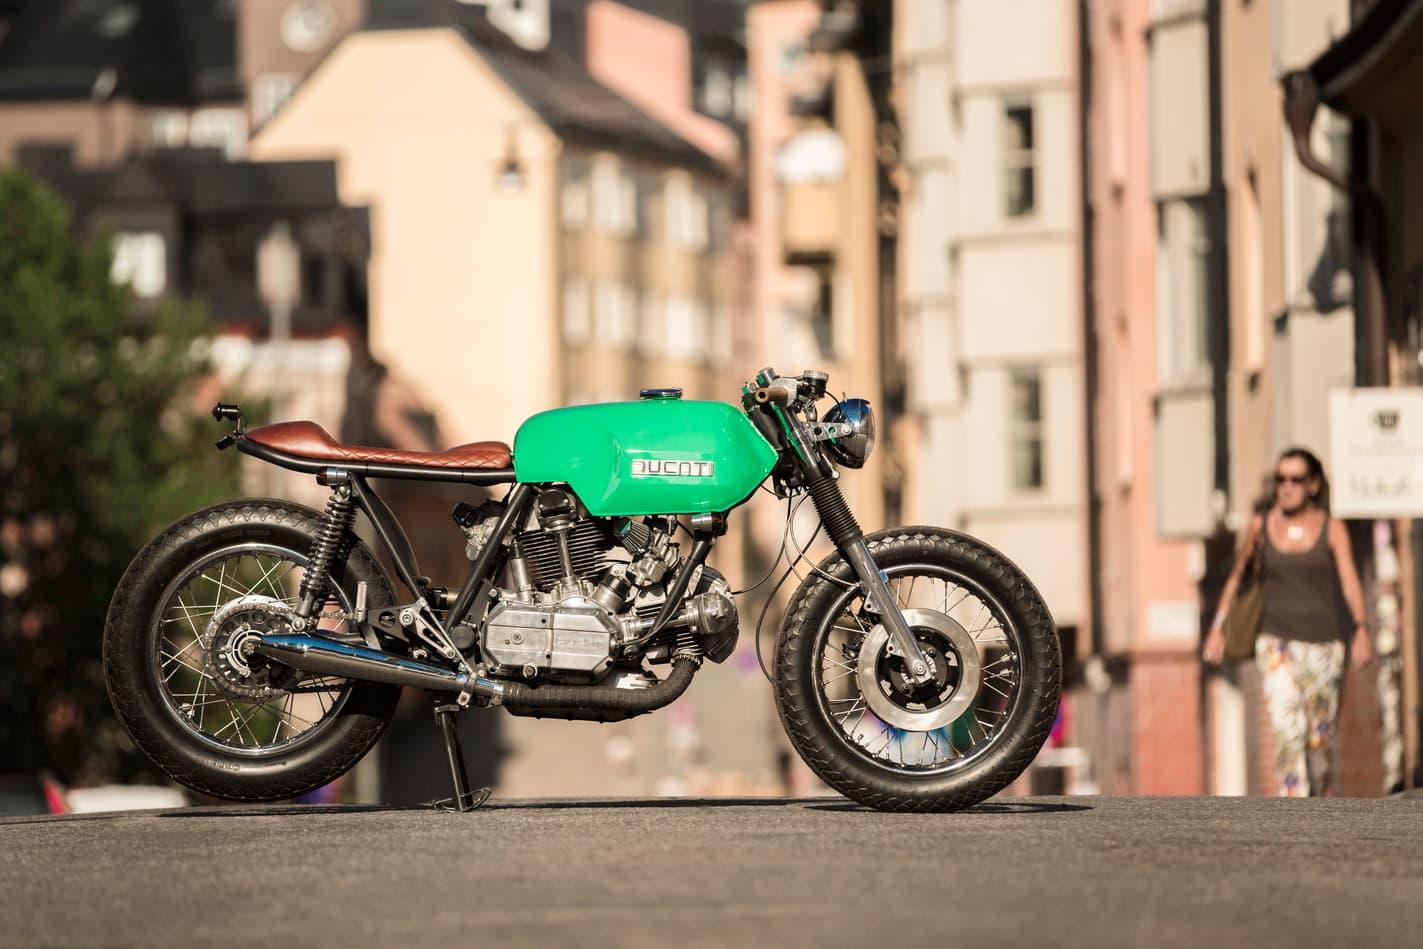 Ducati 860 GTS Cafe Racer by 6/5/4 Motors